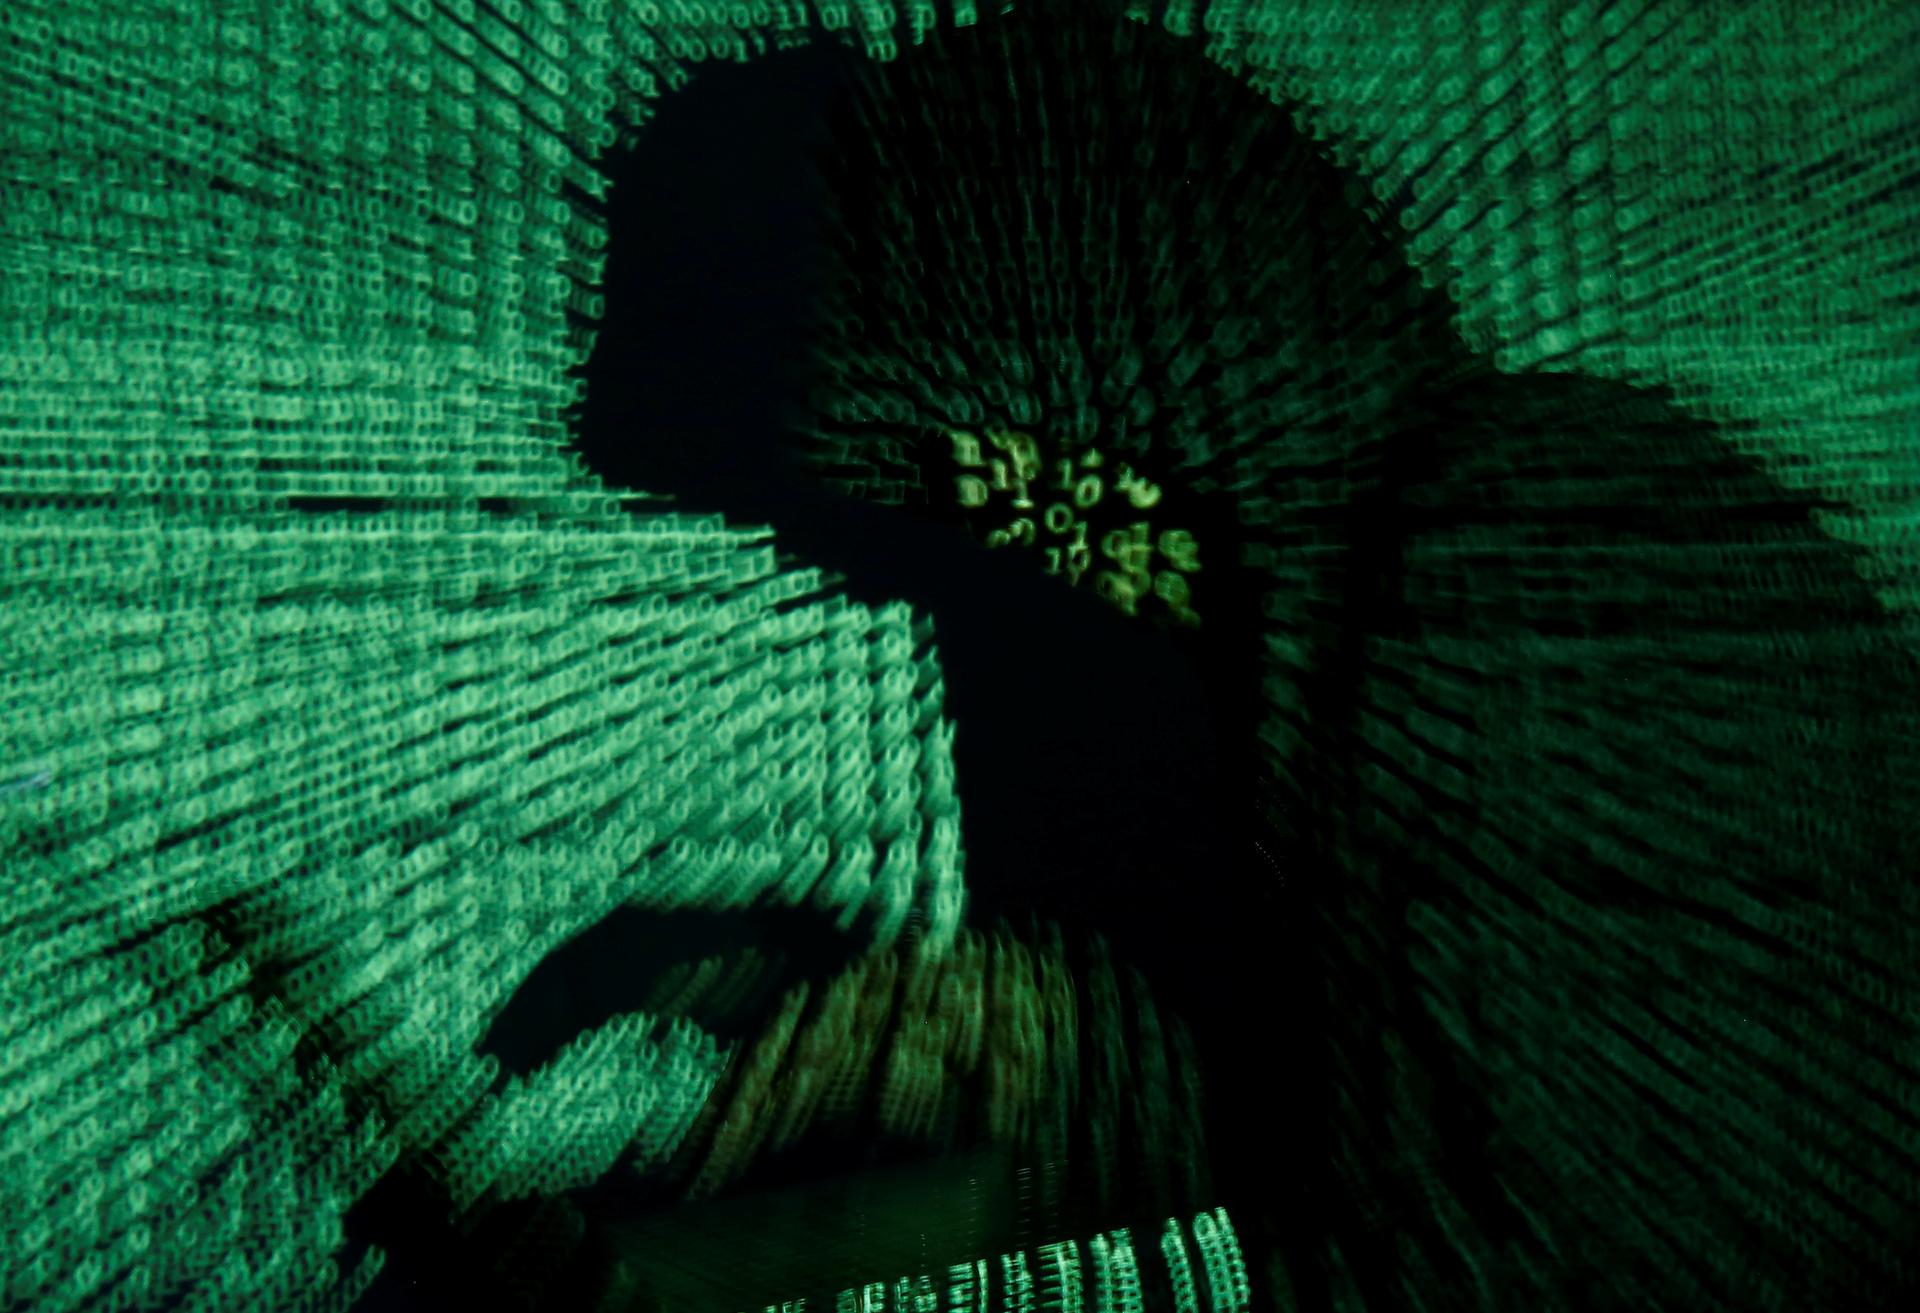 Киберпространственный вентиль: почему американские СМИ снова заговорили о «российских хакерах»3